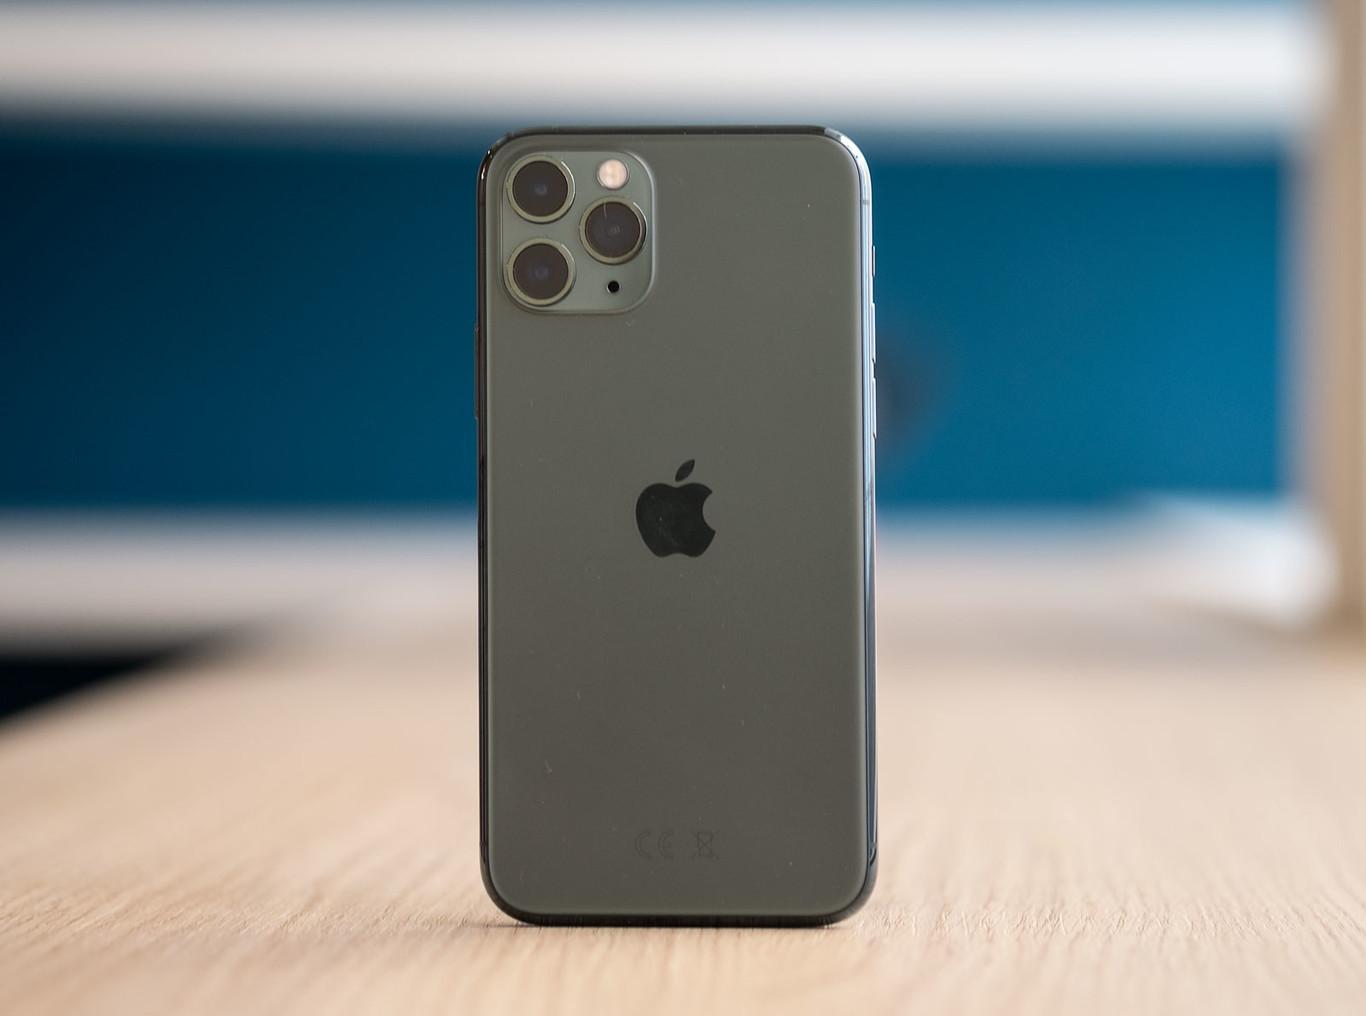 iPhone 11 Pro, opiniones tras primera toma de contacto. Vídeo y fotos.